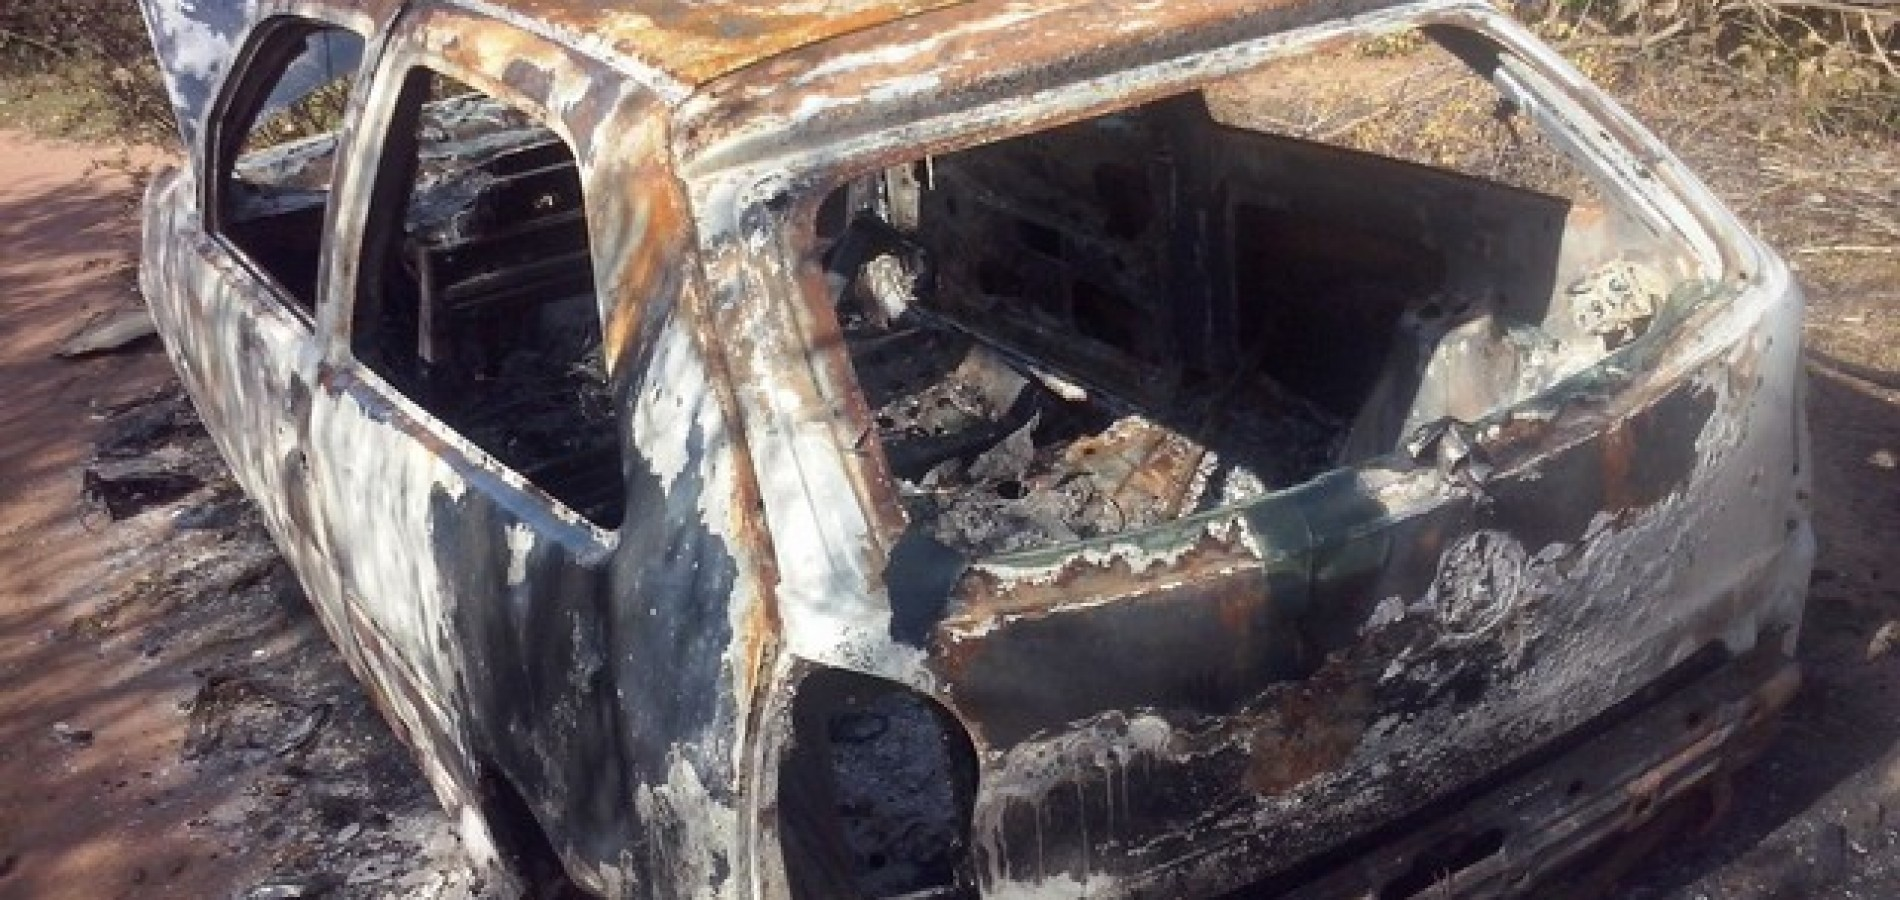 Carro tomado de assalto em Geminiano é encontrado incendiado